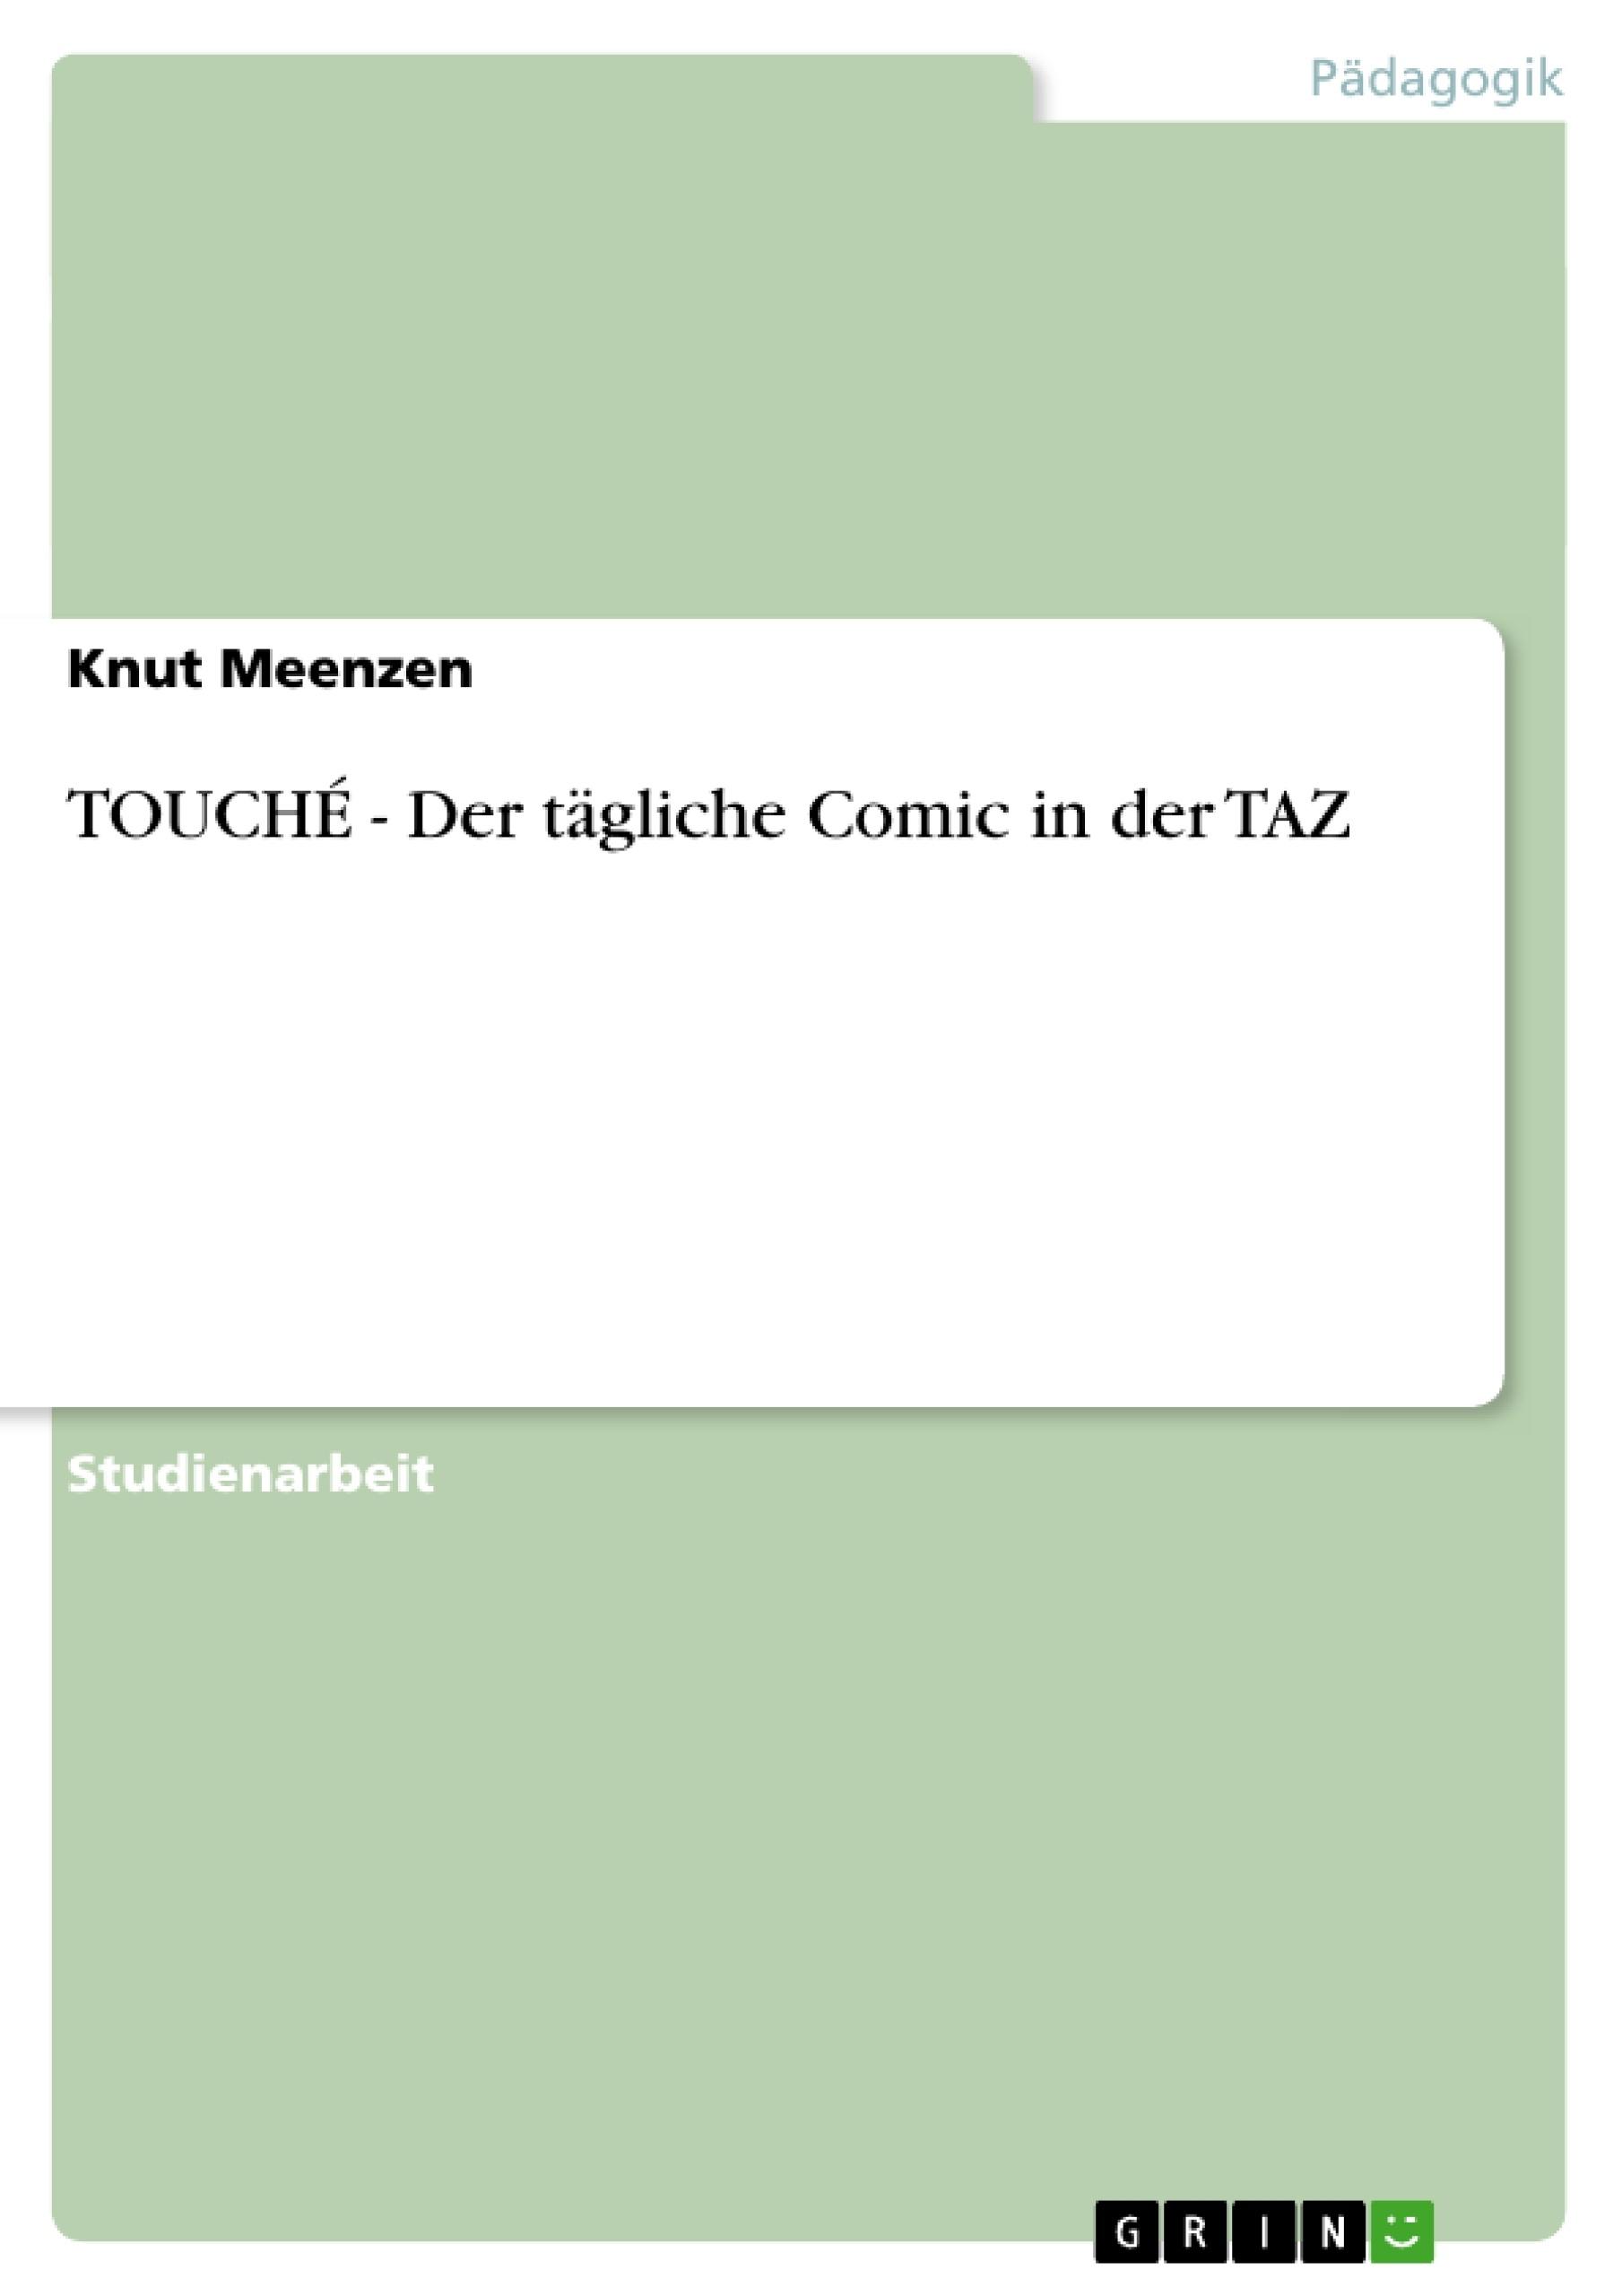 Titel: TOUCHÉ - Der tägliche Comic in der TAZ